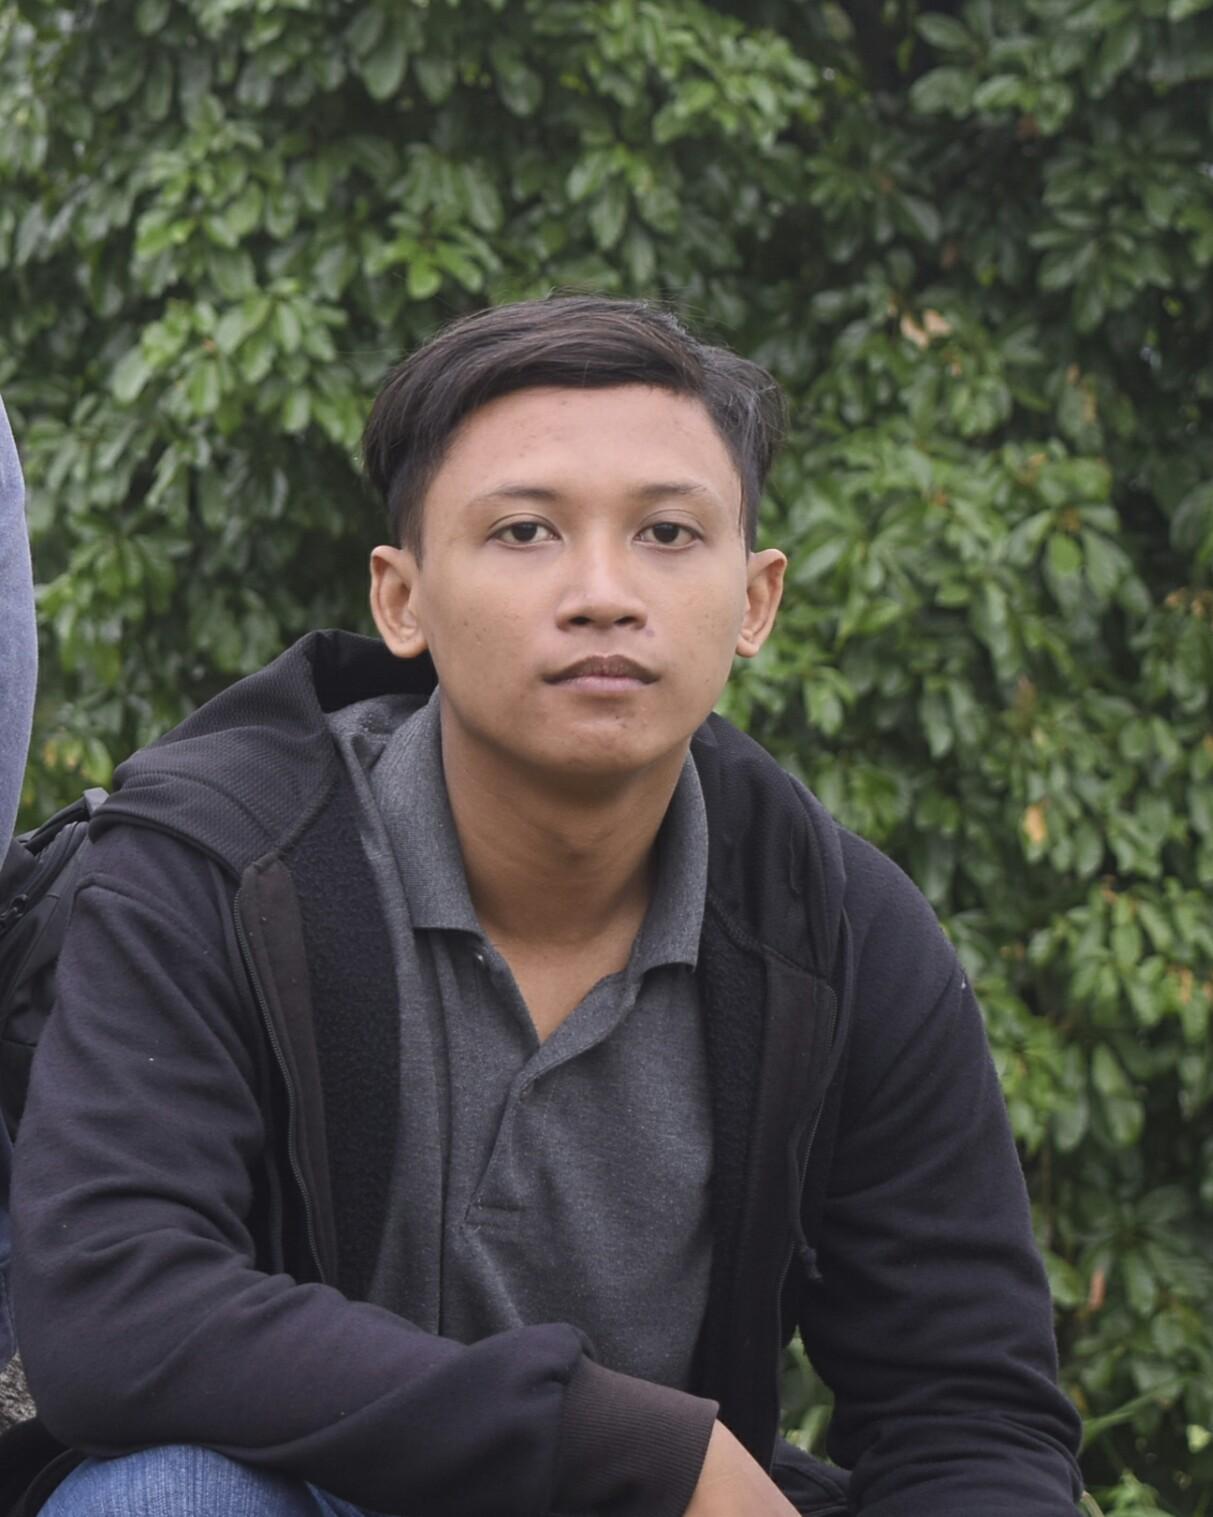 Muhammad Farid Nurdifanto Mahasiswa ilmukomunikasi universitas muhamadiyah sidoarjo